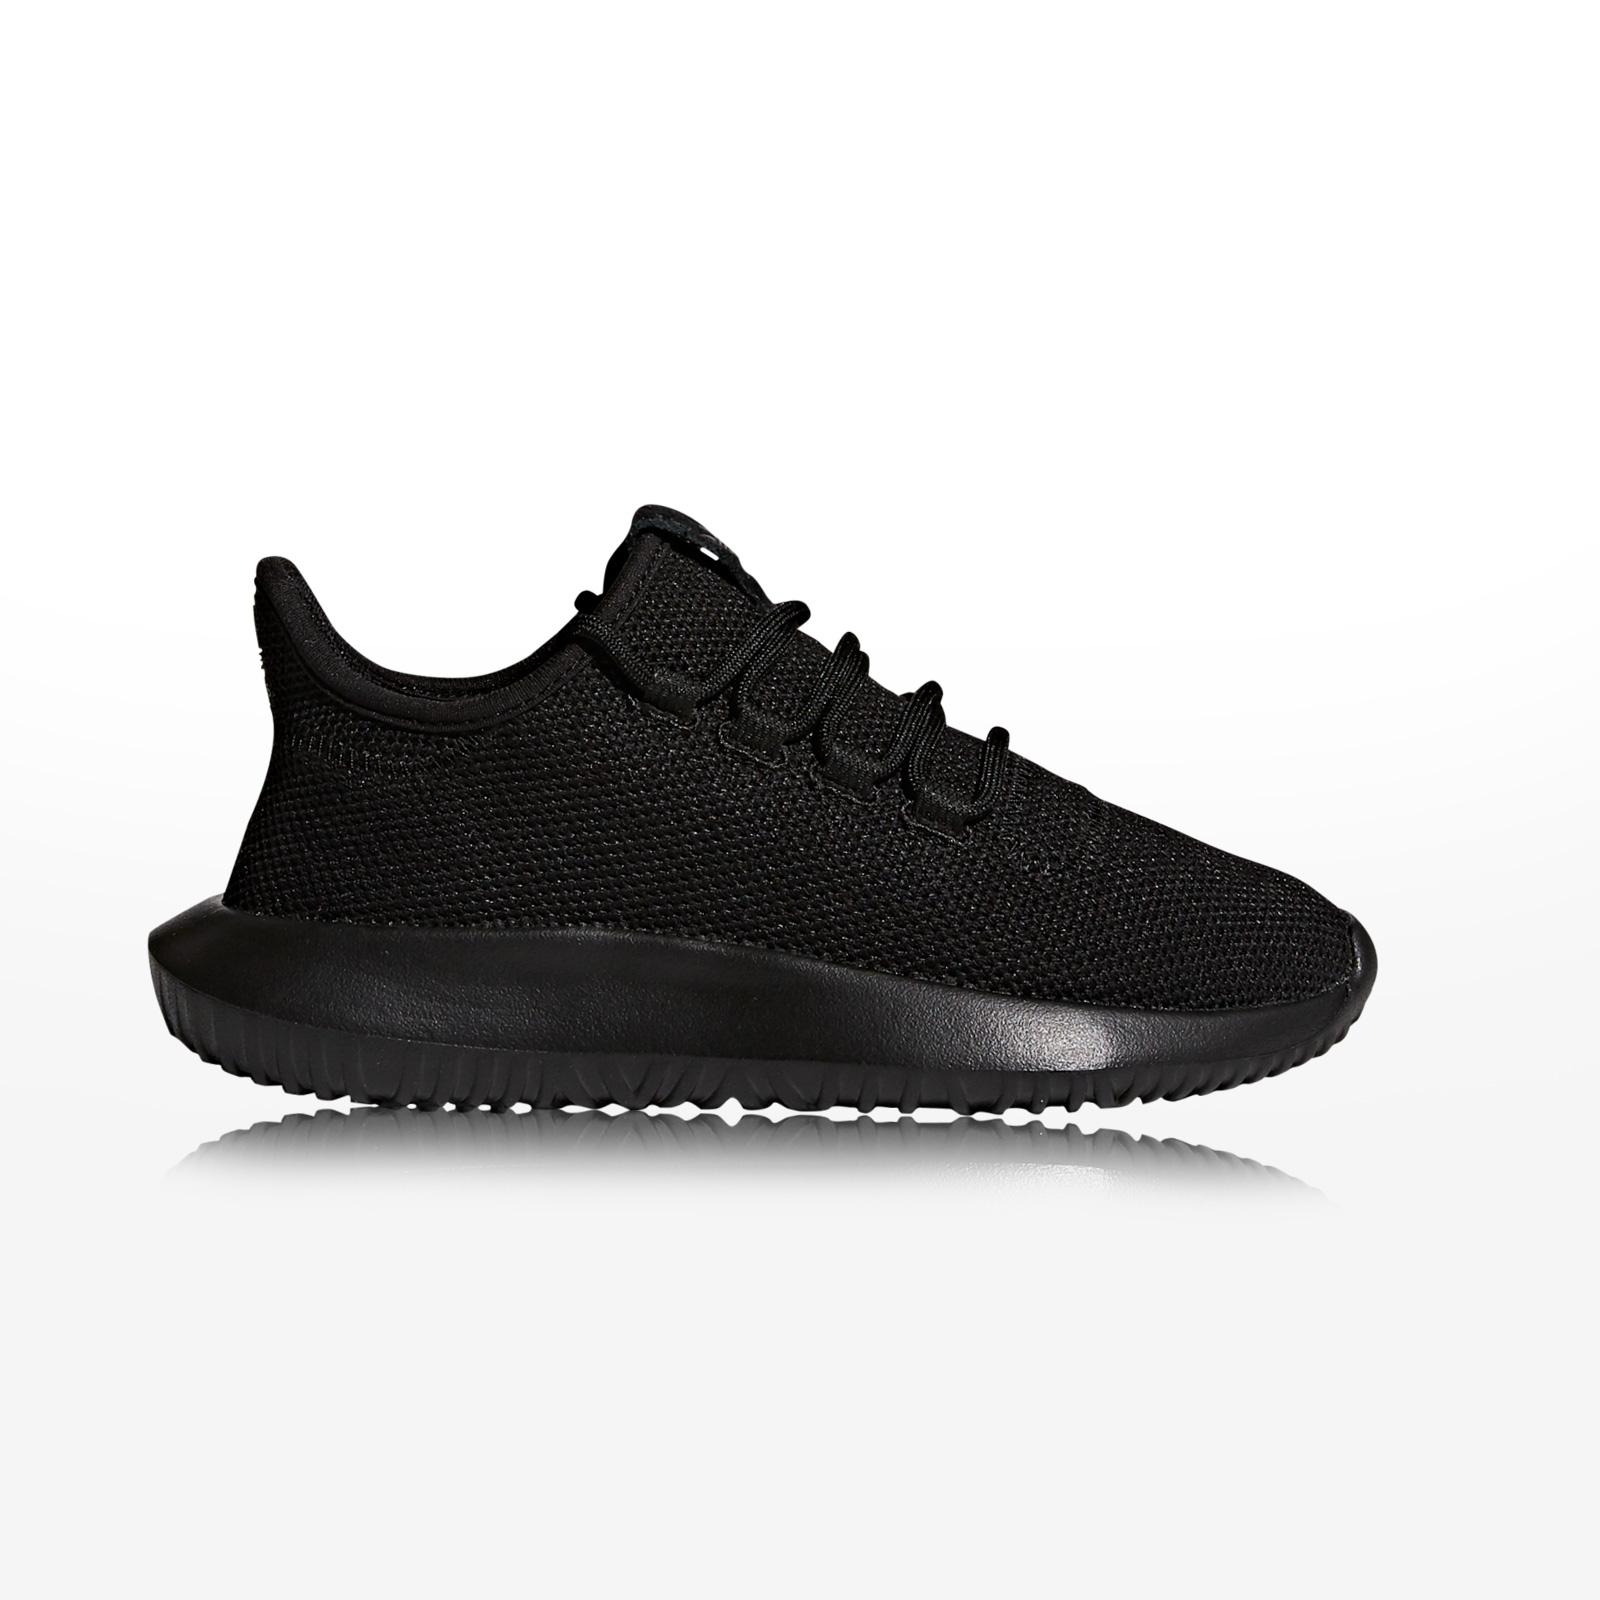 -50% Sportcafe adidas Originals – TUBULAR SHADOW J – CBLACK FTWWHT CBLACK 91e0465bd1a